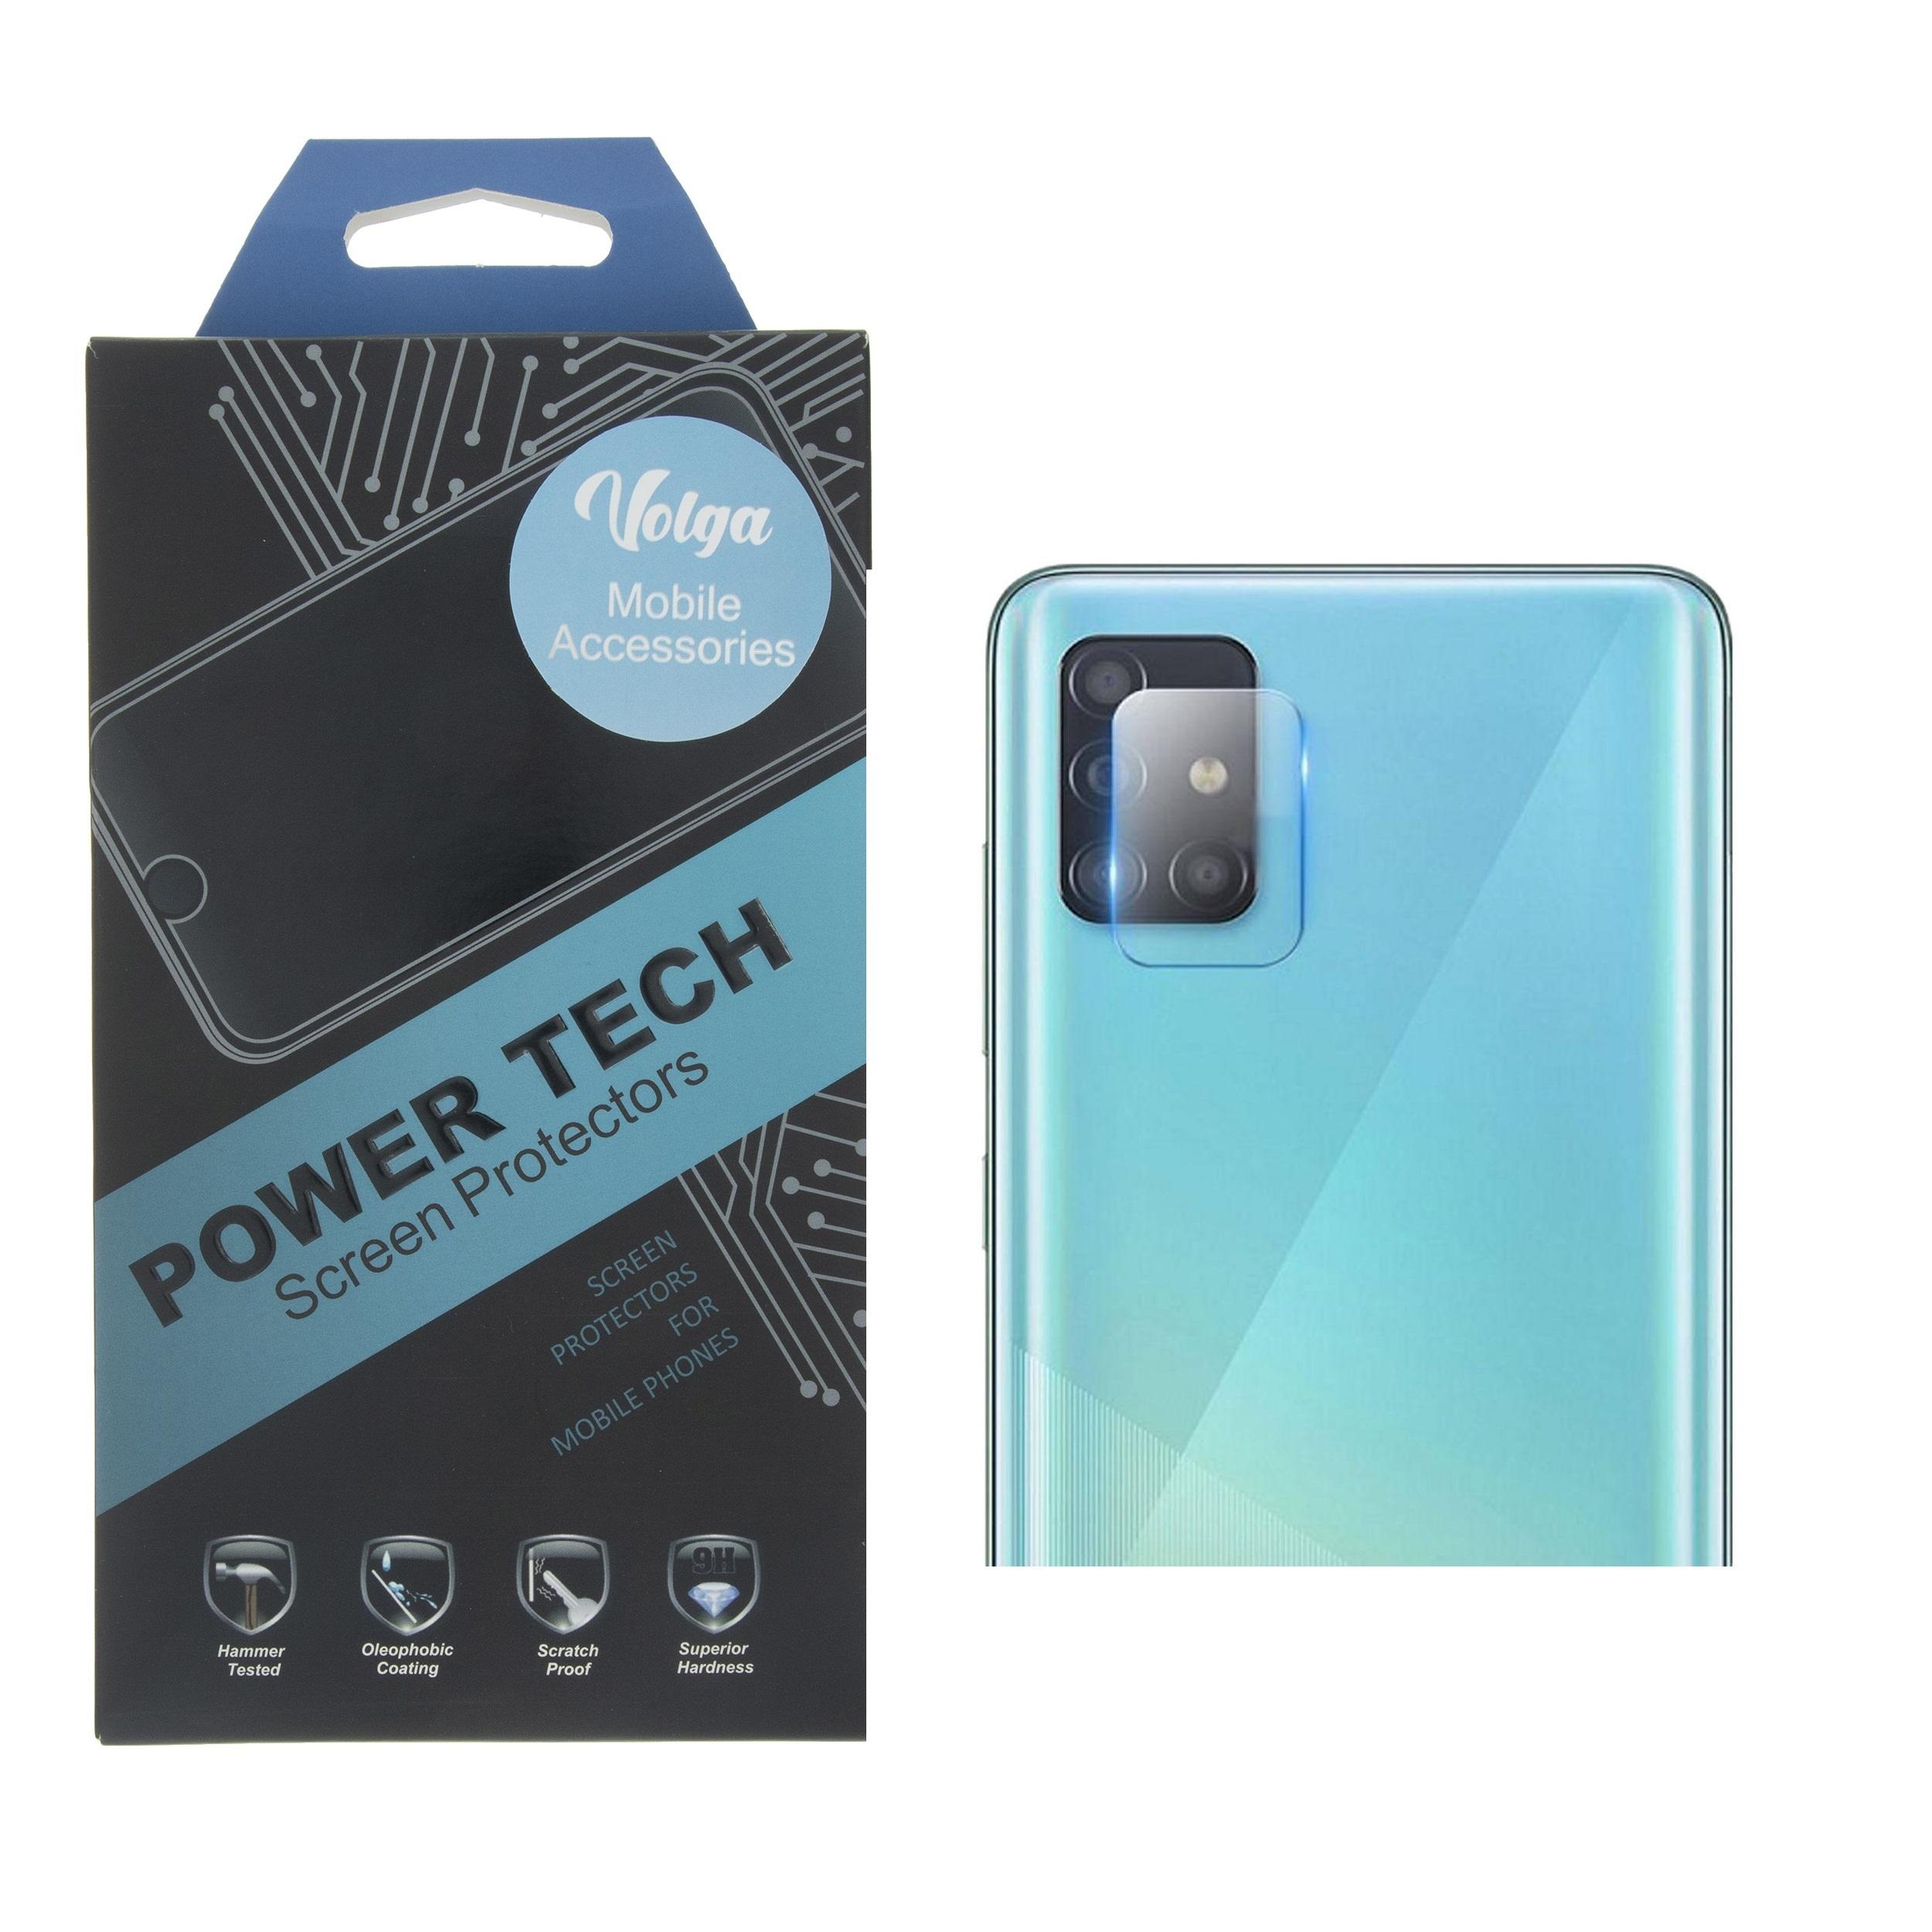 محافظ لنز دوربین ولگا مدل LE-Powertech مناسب برای گوشی موبایل سامسونگ Galaxy A51